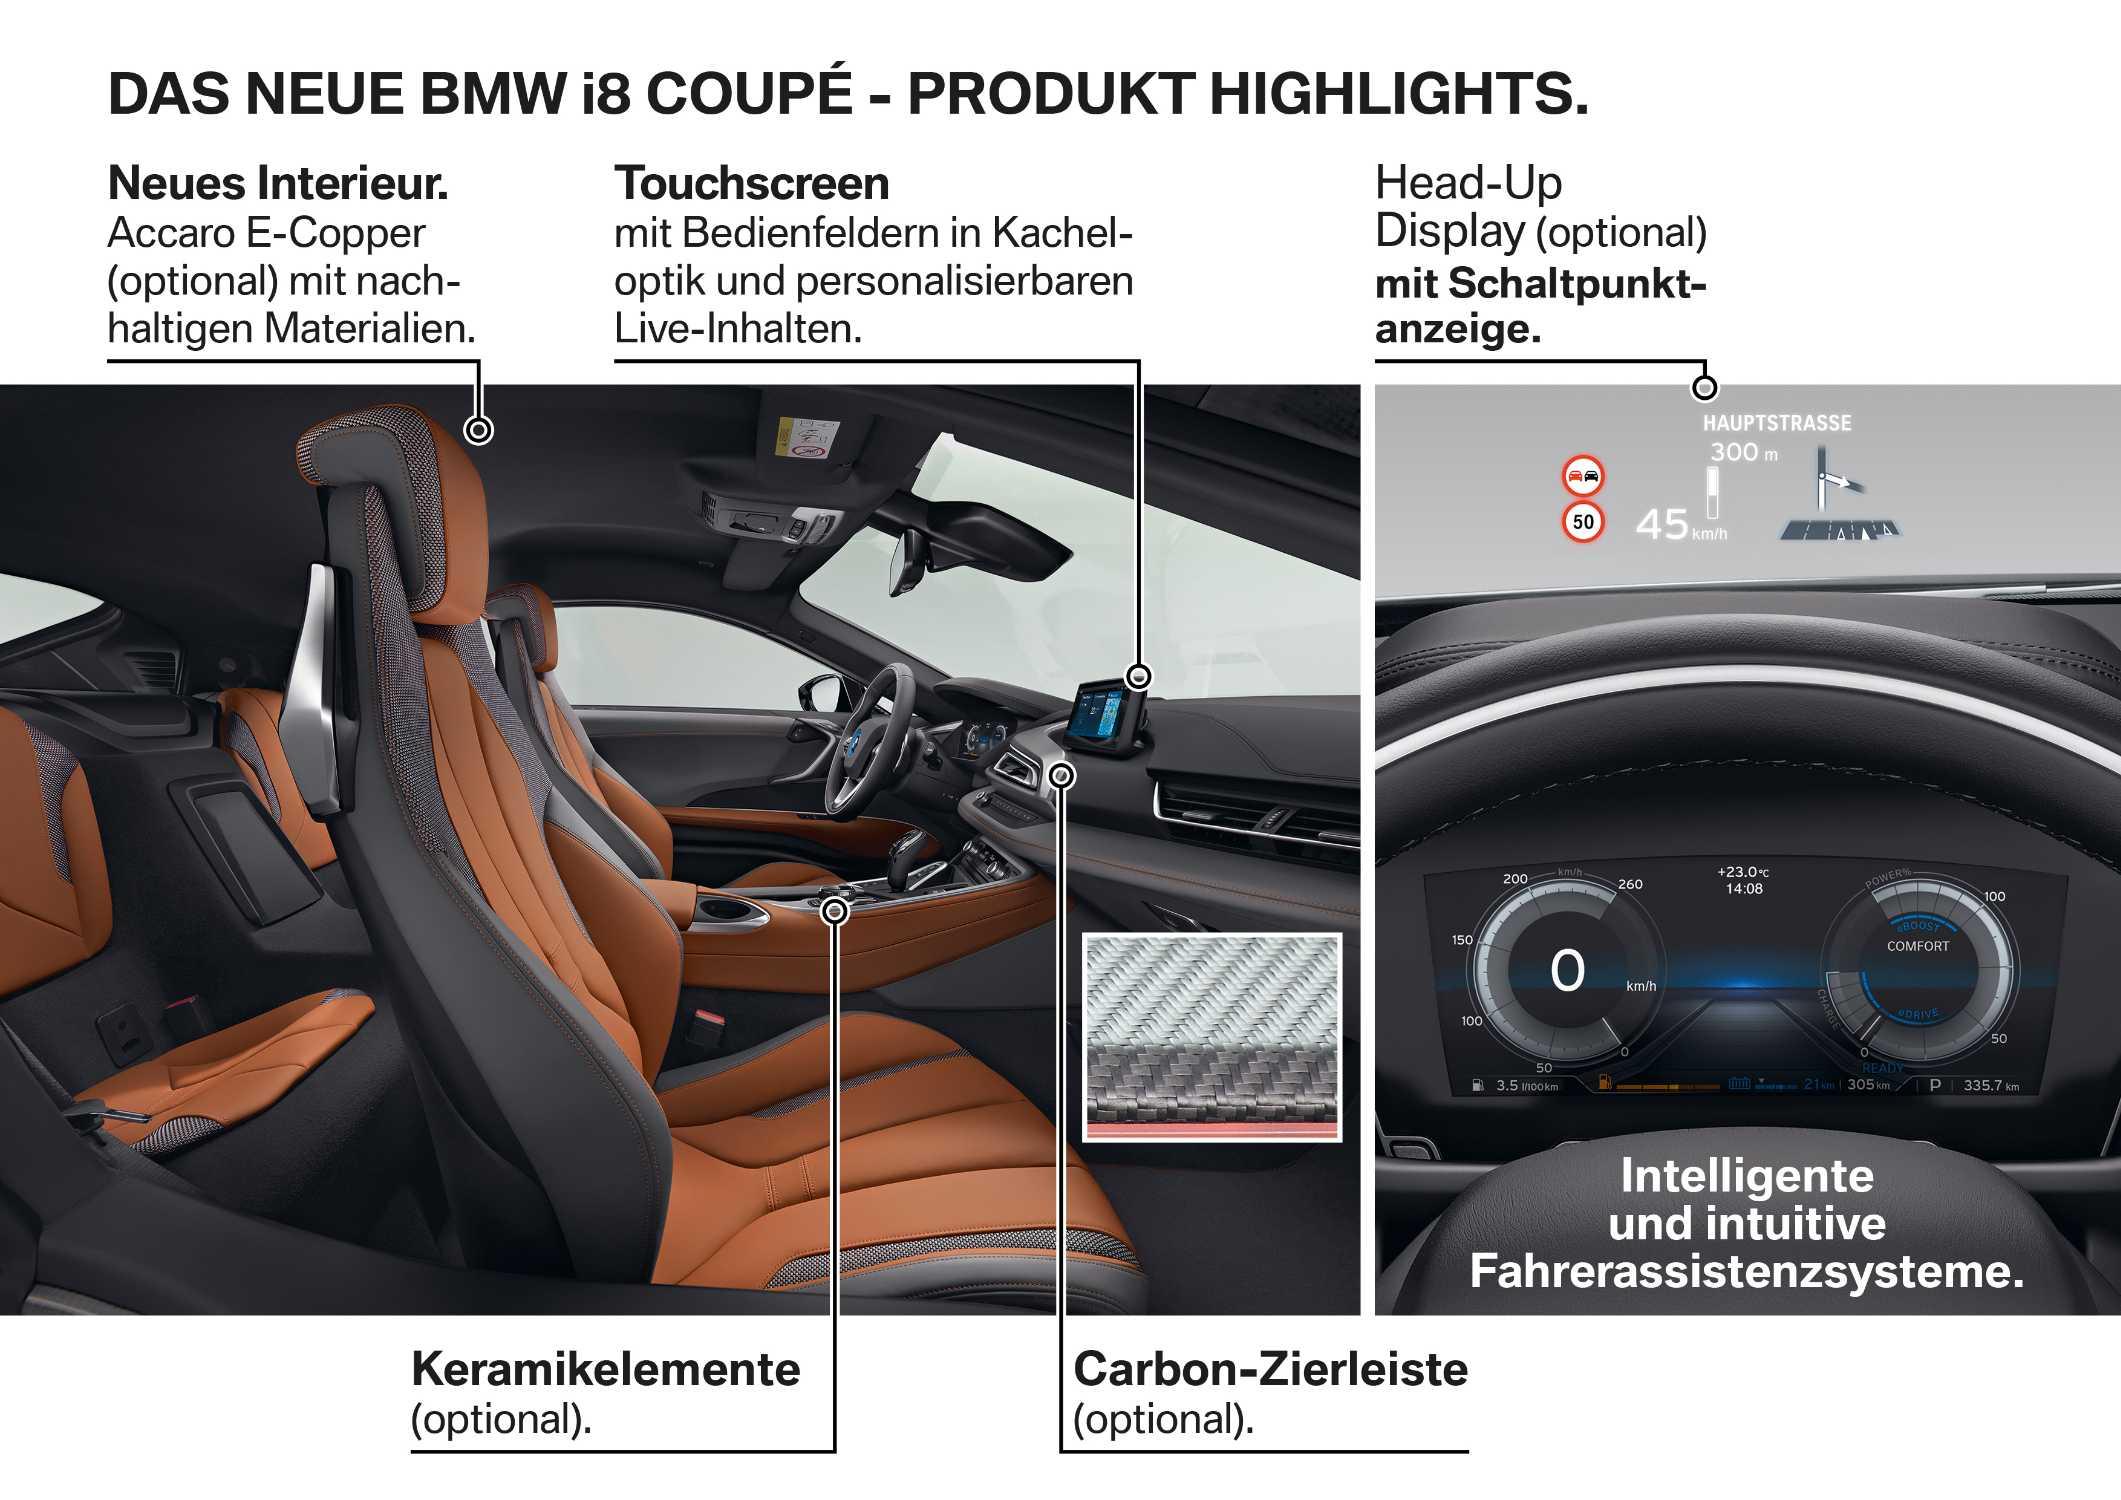 Das neue BMW i8 Coupé - Produkt Highlights. (11/2017)